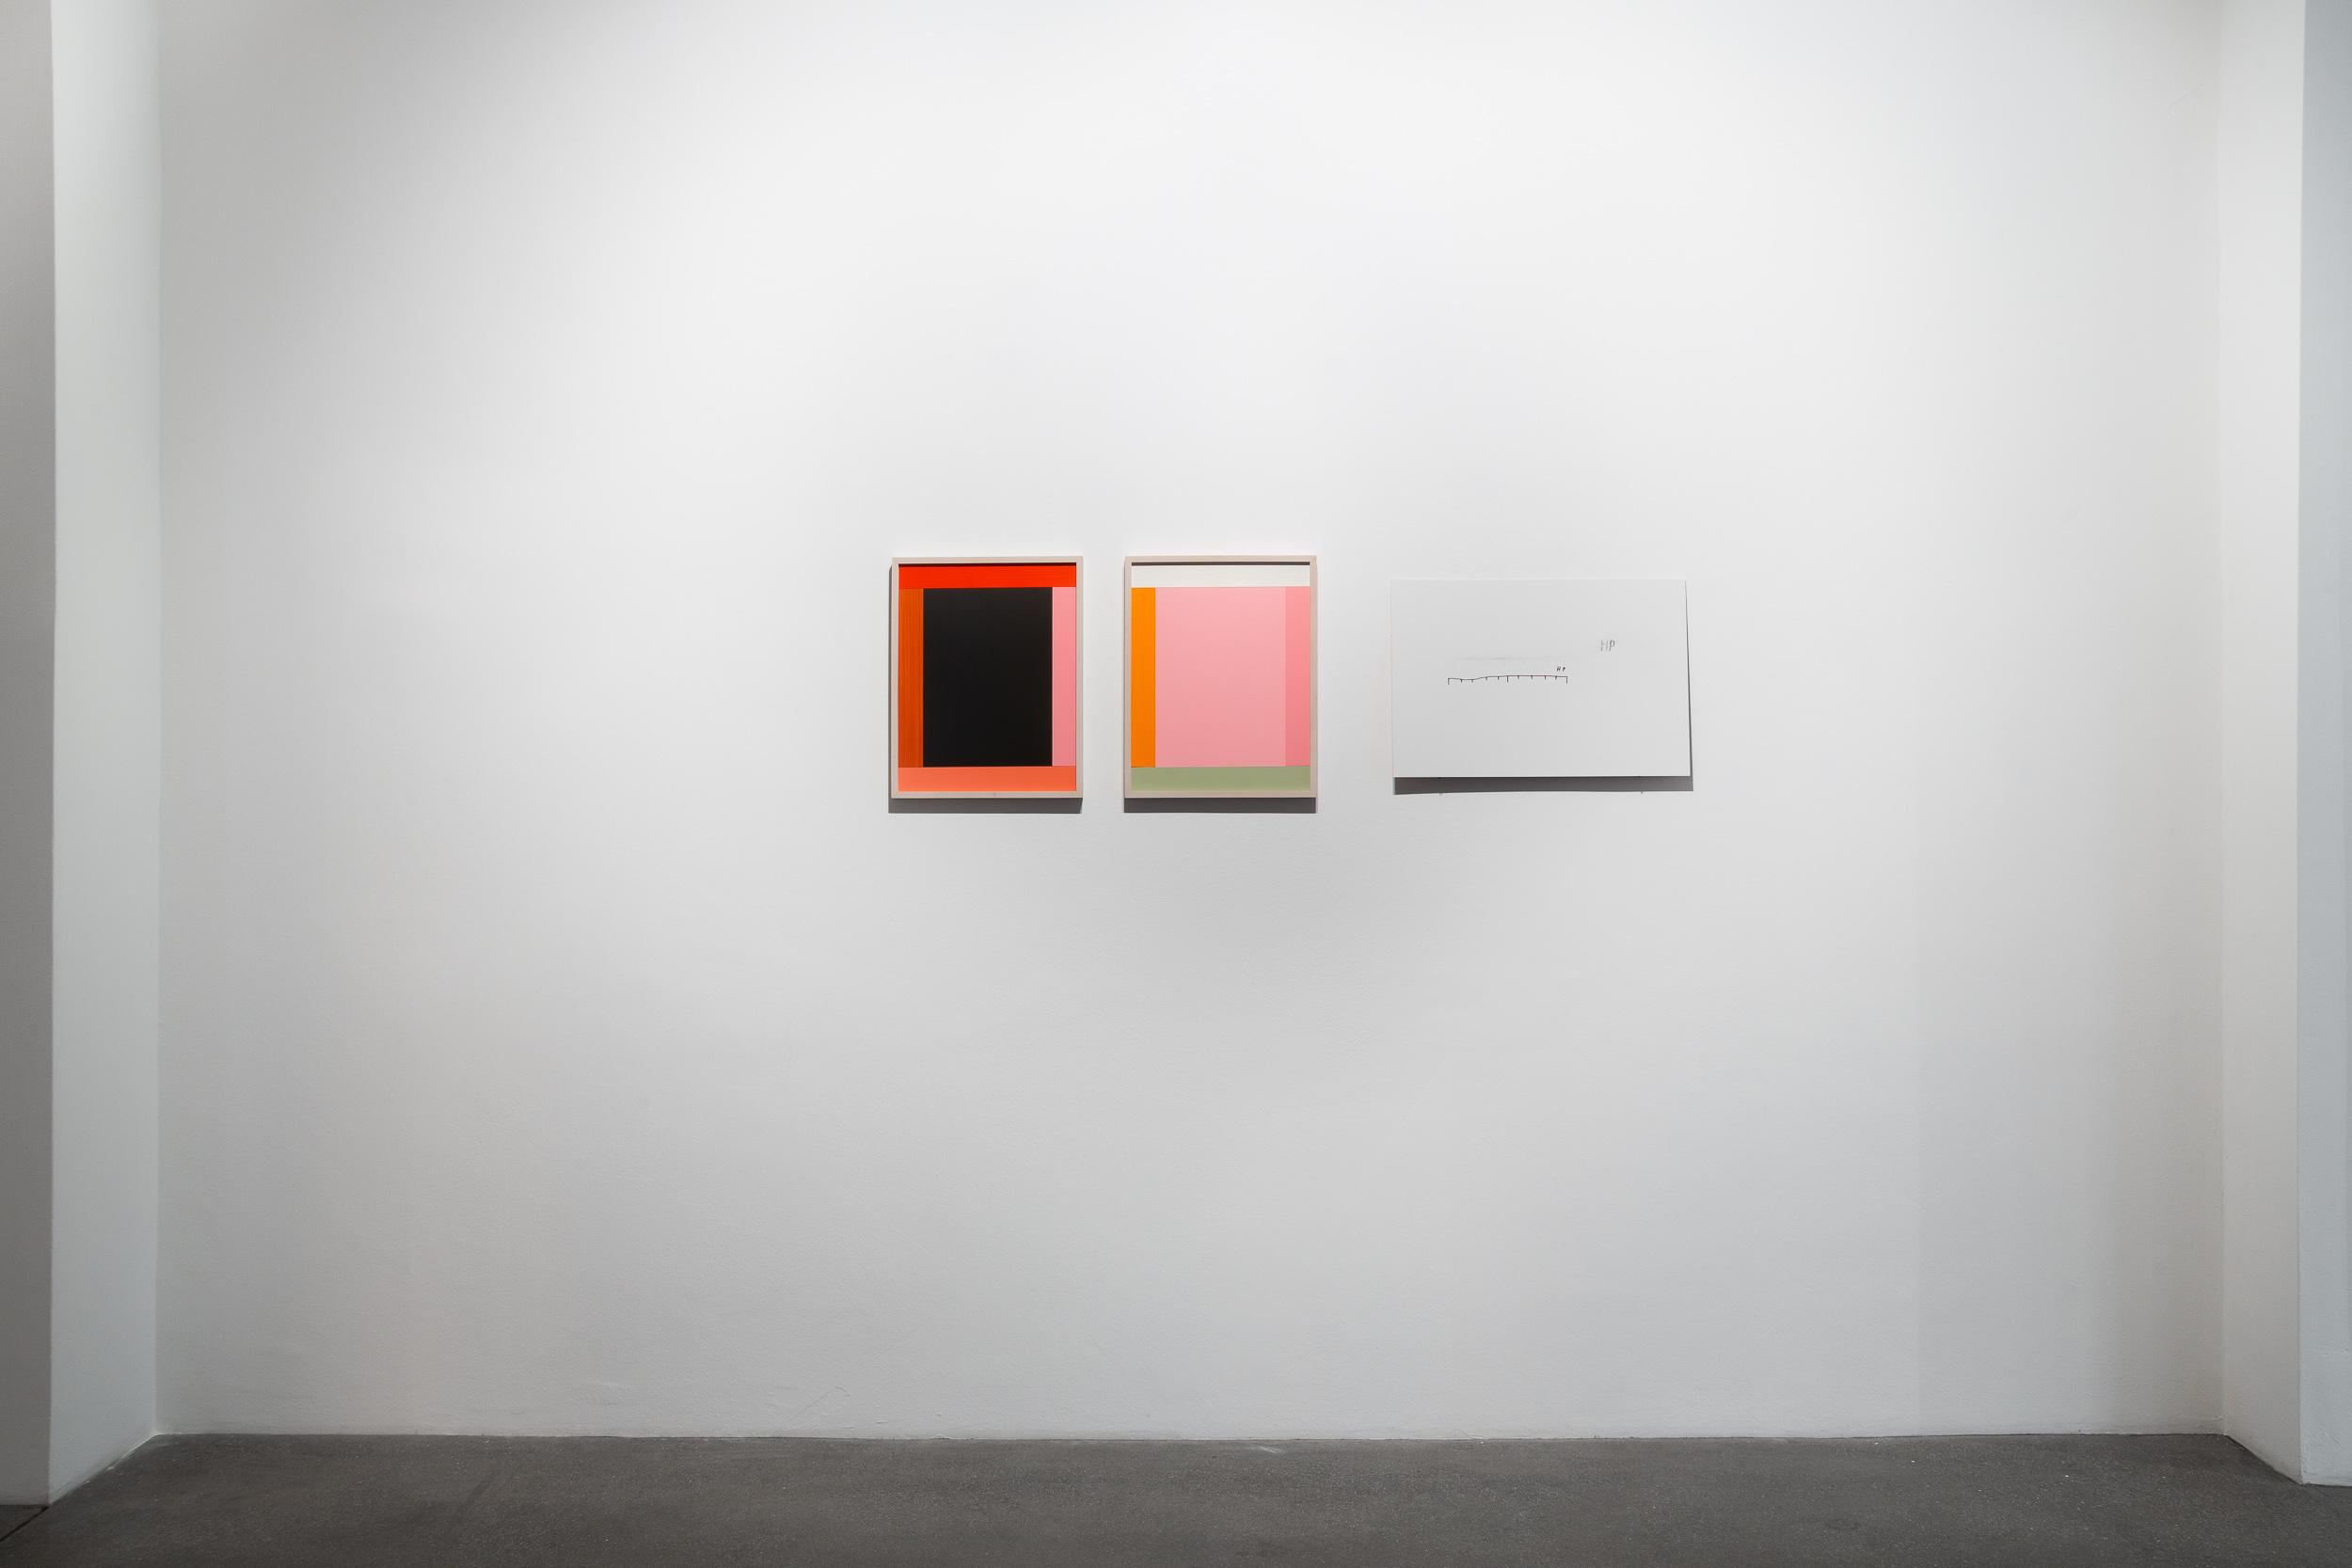 Imi Knoebel, Per Mertens, Ten Gates, Ausstellungsansicht, Engelage & Lieder